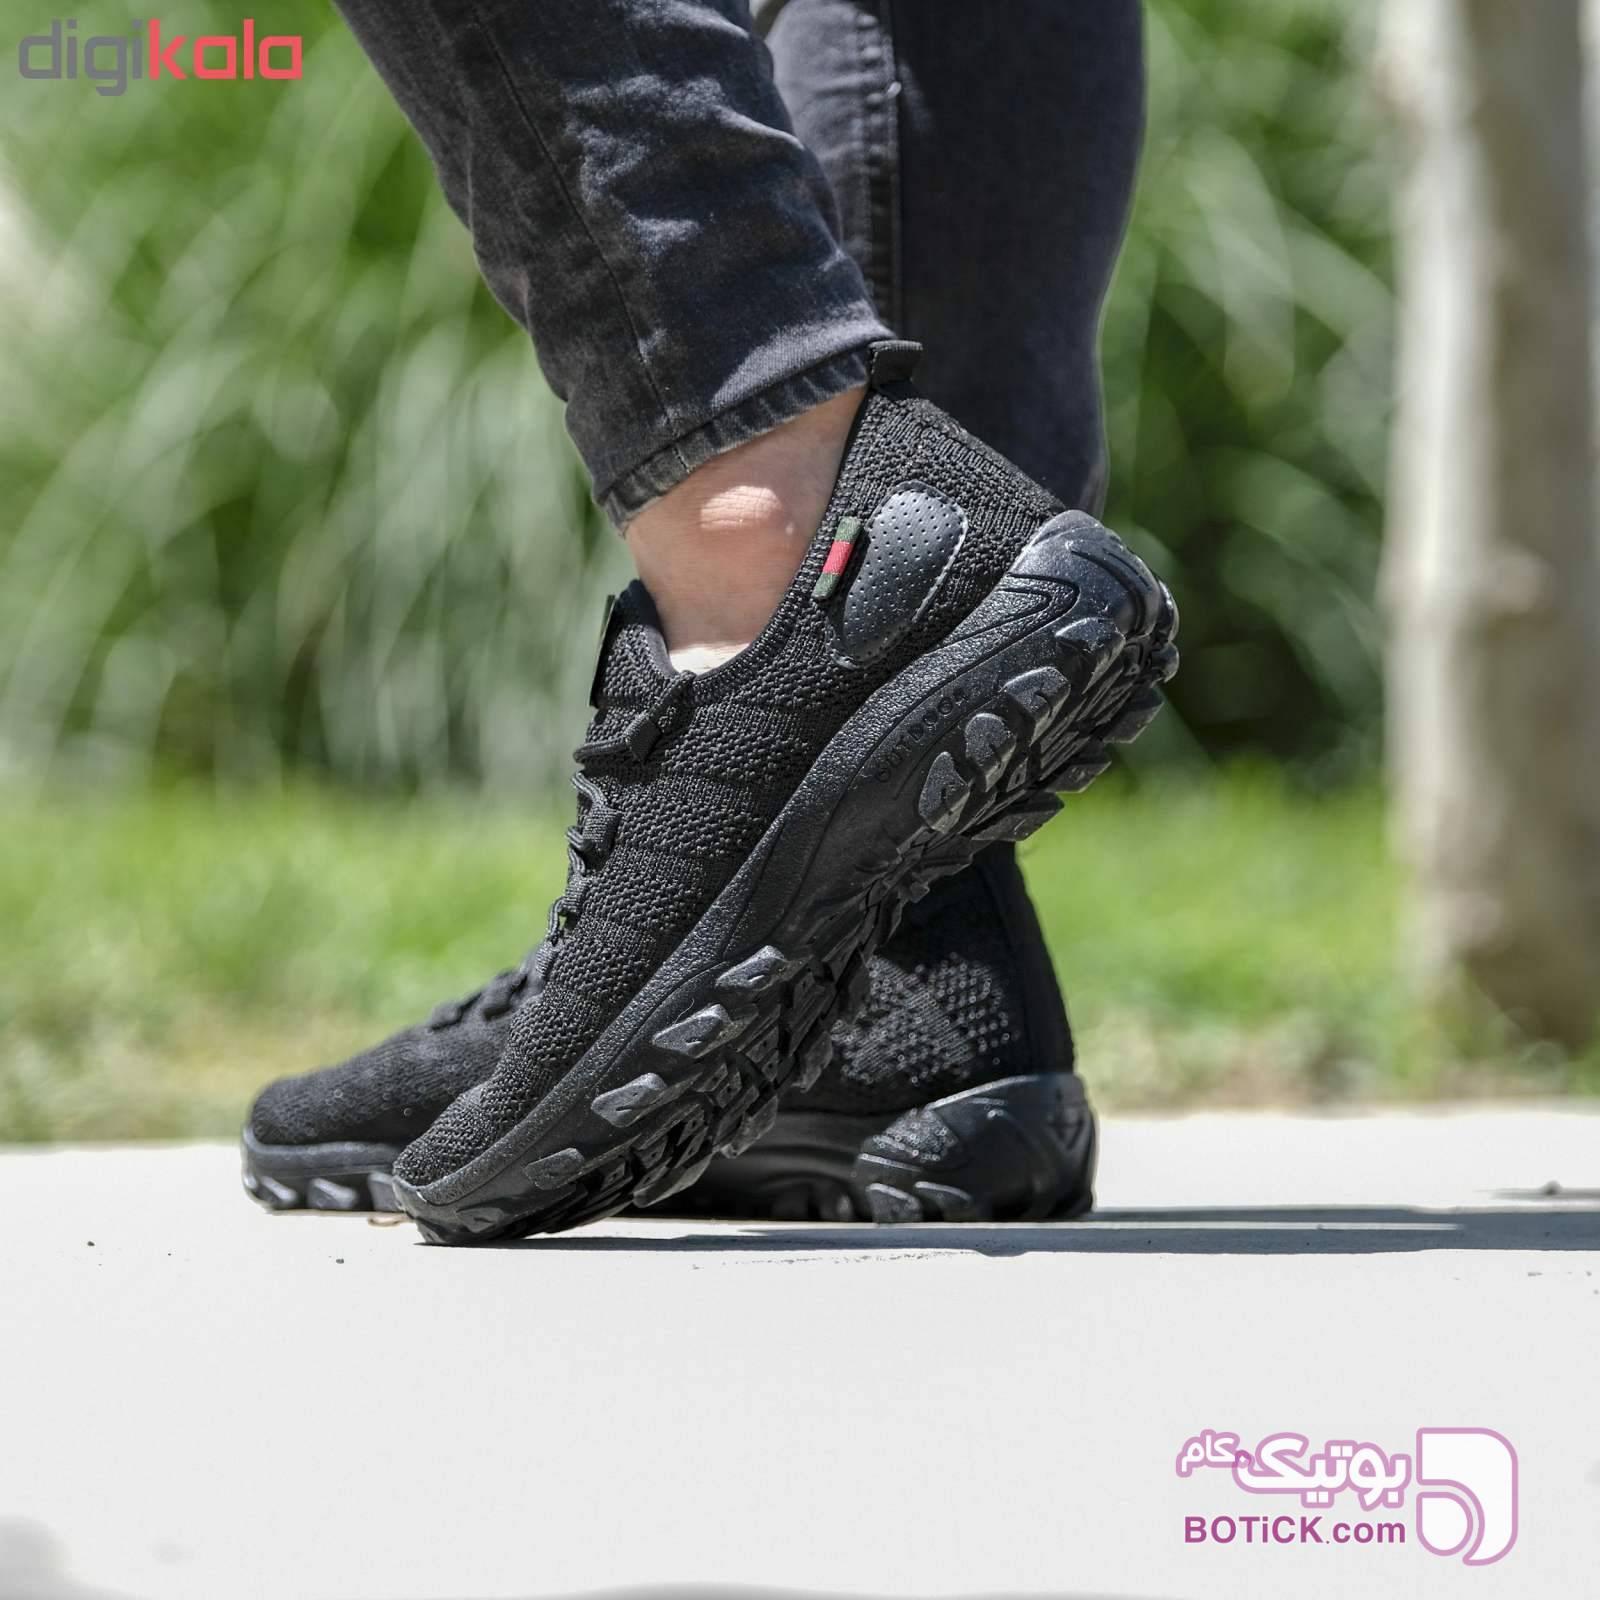 کفش مردانه مدل arshi-kohestani  مشکی كتانی مردانه